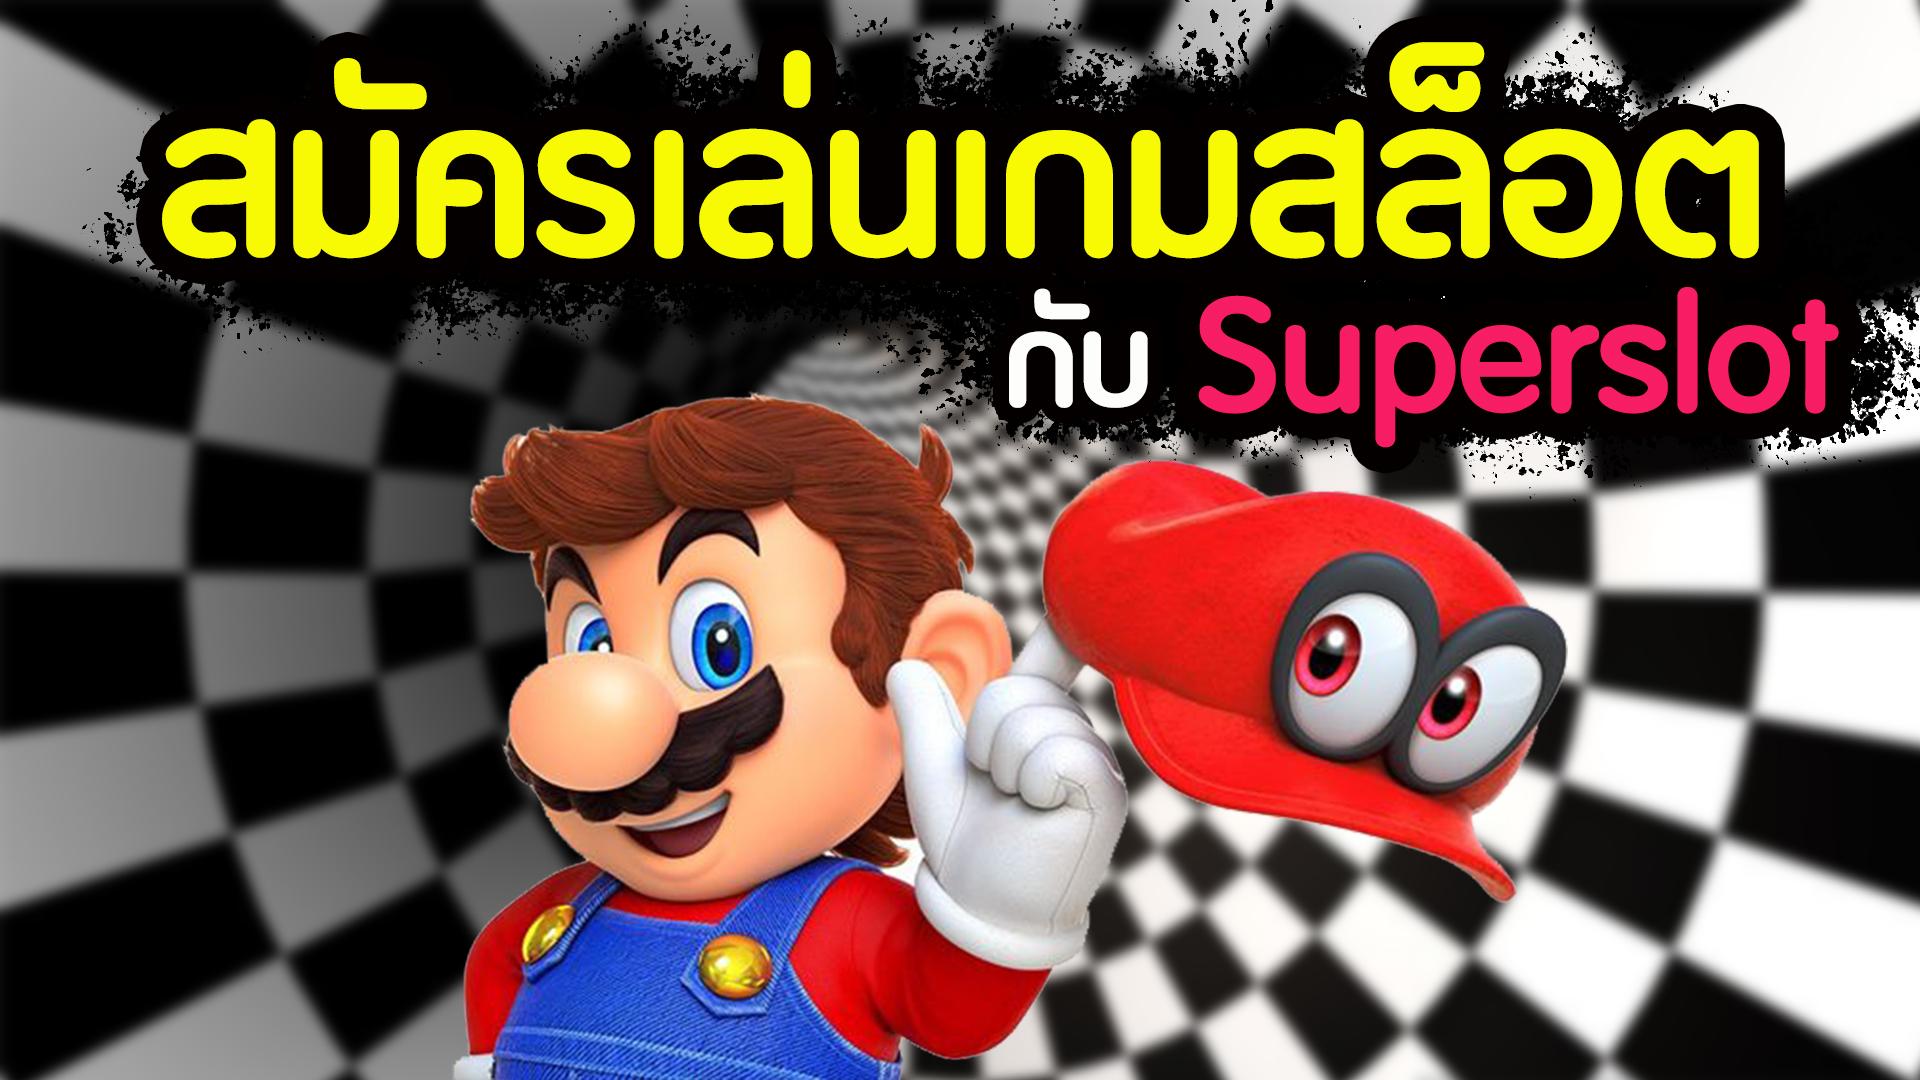 สมัครเล่นเกมสล็อต กับ Superslot